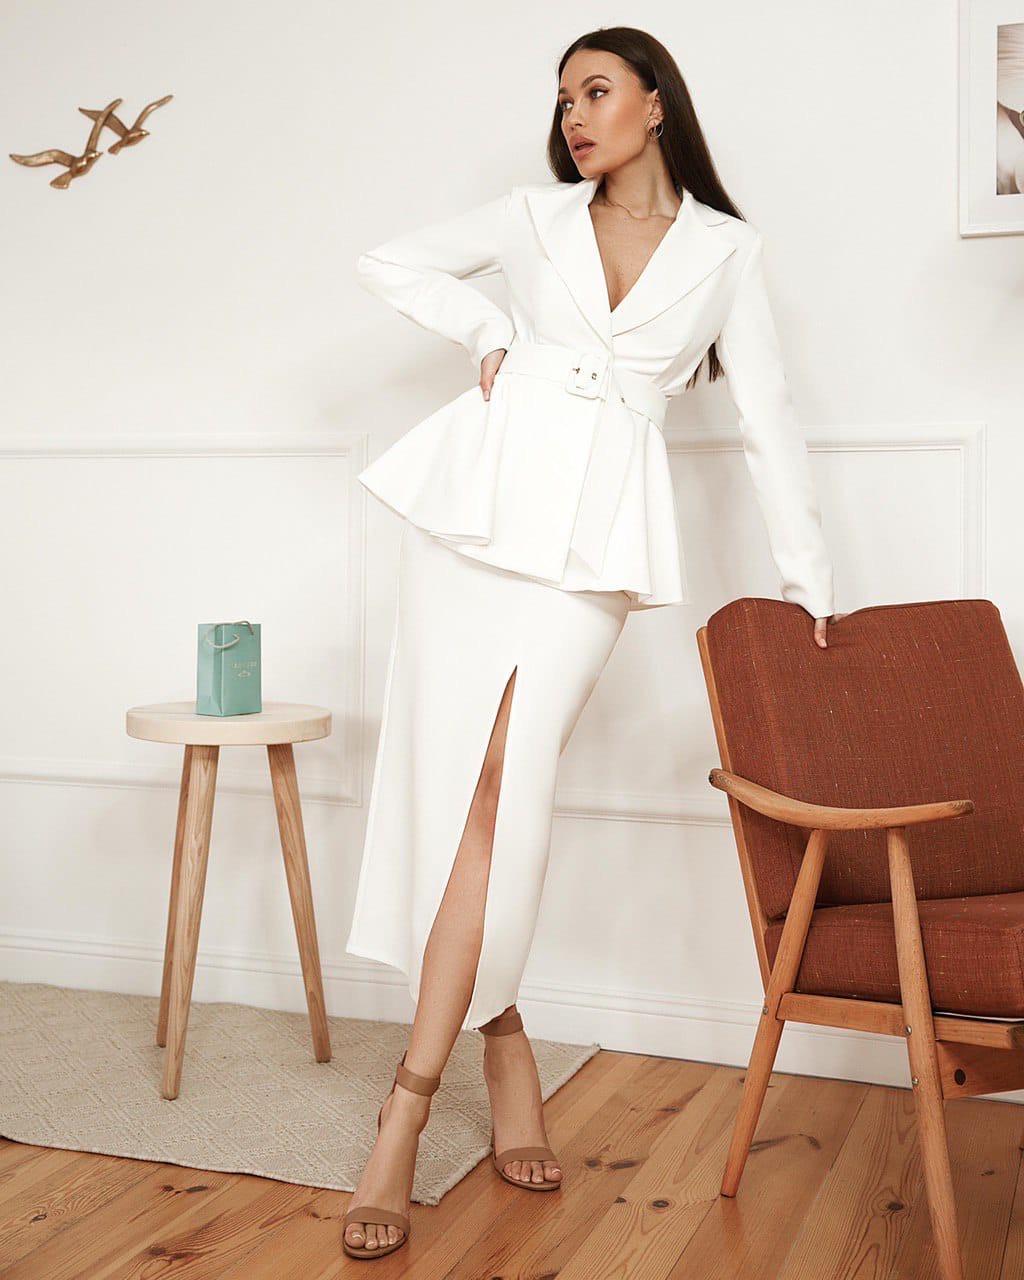 Костюм женский с баской (пиджак, юбка) AniTi 561, белый